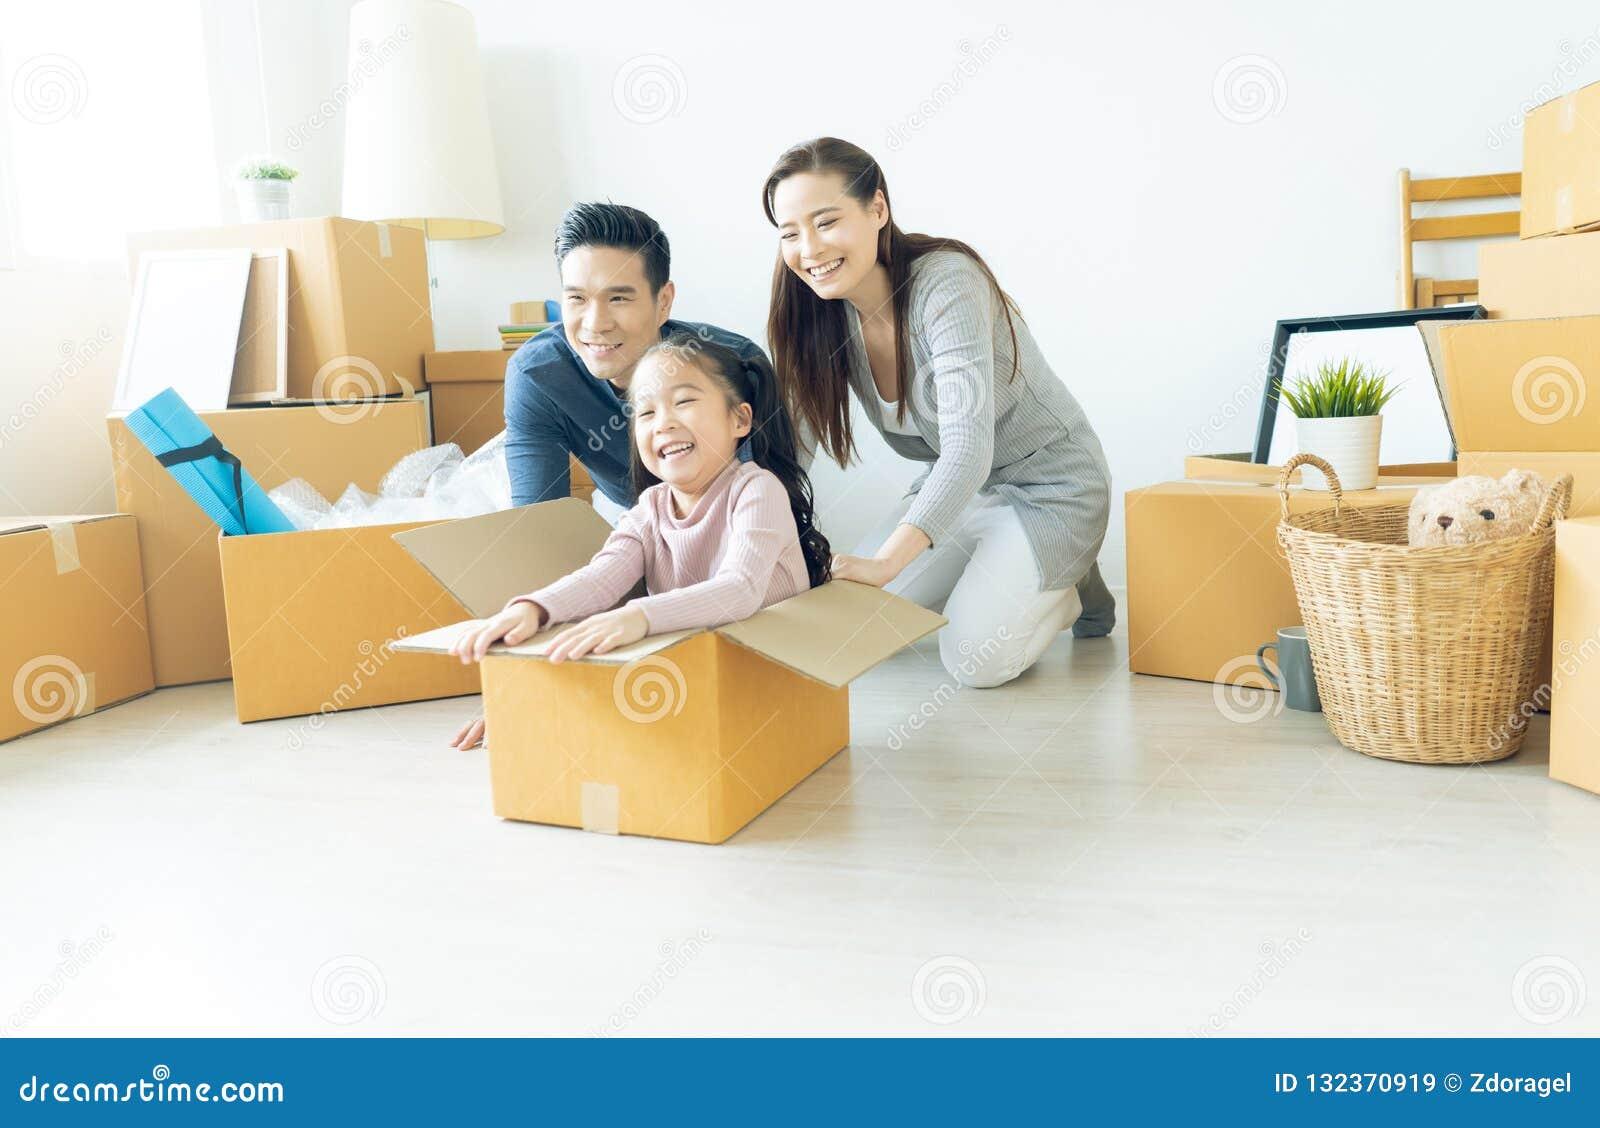 愉快的幼小亚洲三口之家获得移动与cardboa的乐趣